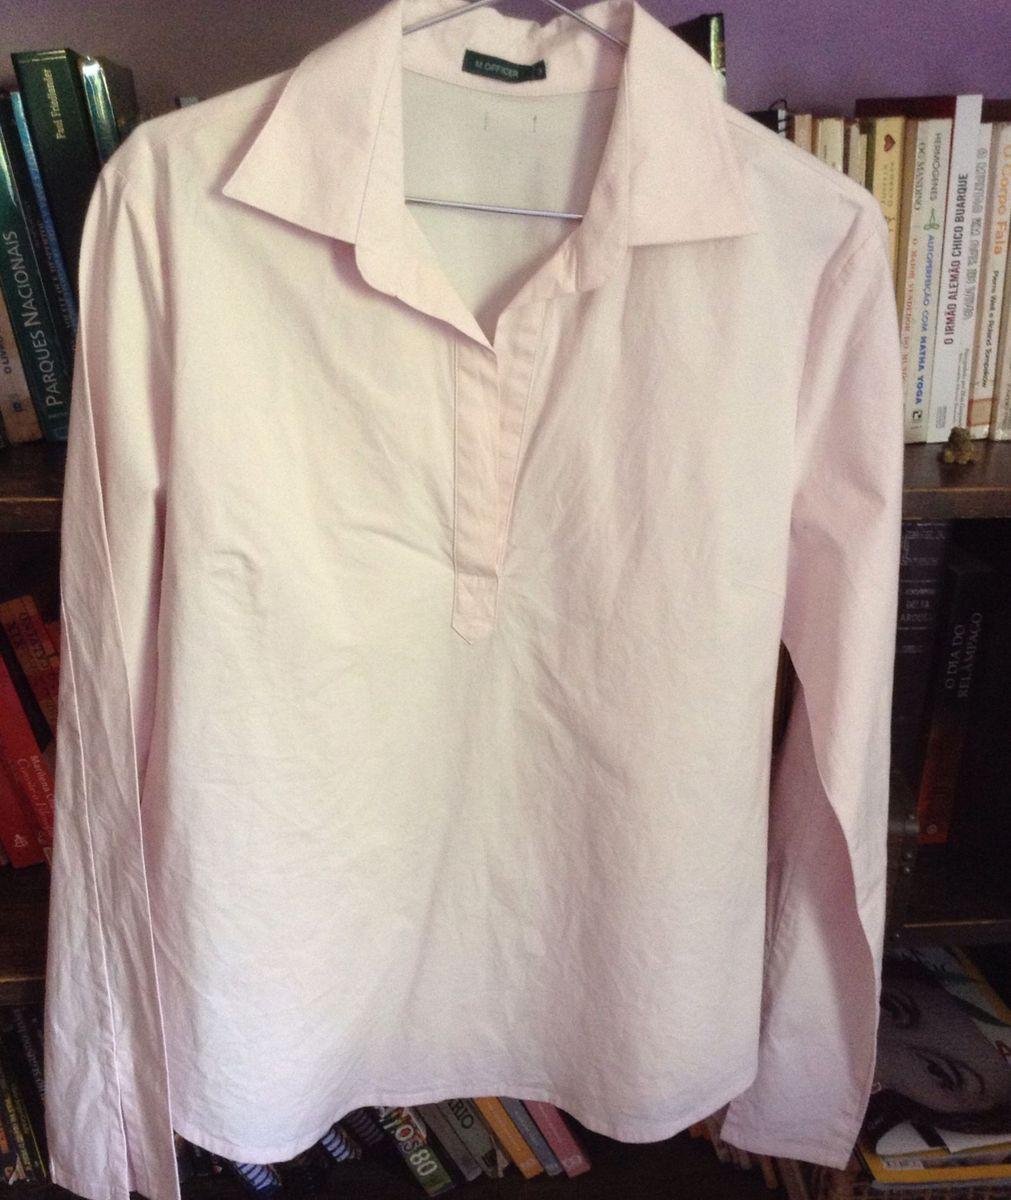 camisa rosa bebê m . offiecr - camisas m.officer